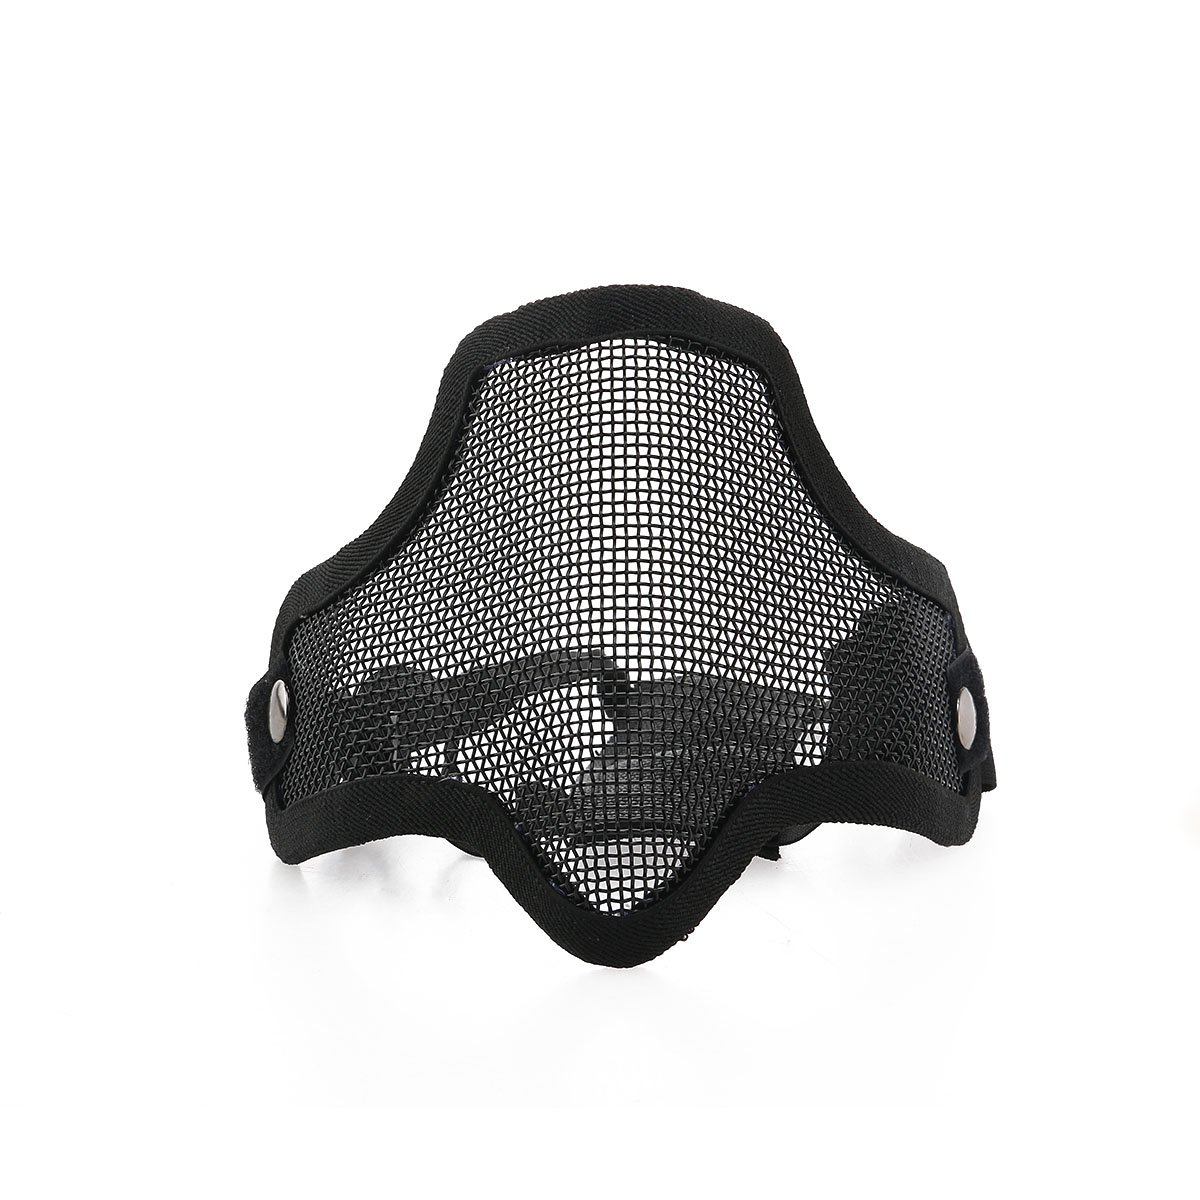 Foxnovo CM01 Sports de plein air chasse Tactical Metal Mesh demi visage masque masque de protection avec bandeau élastique réglable (noir) Fenical